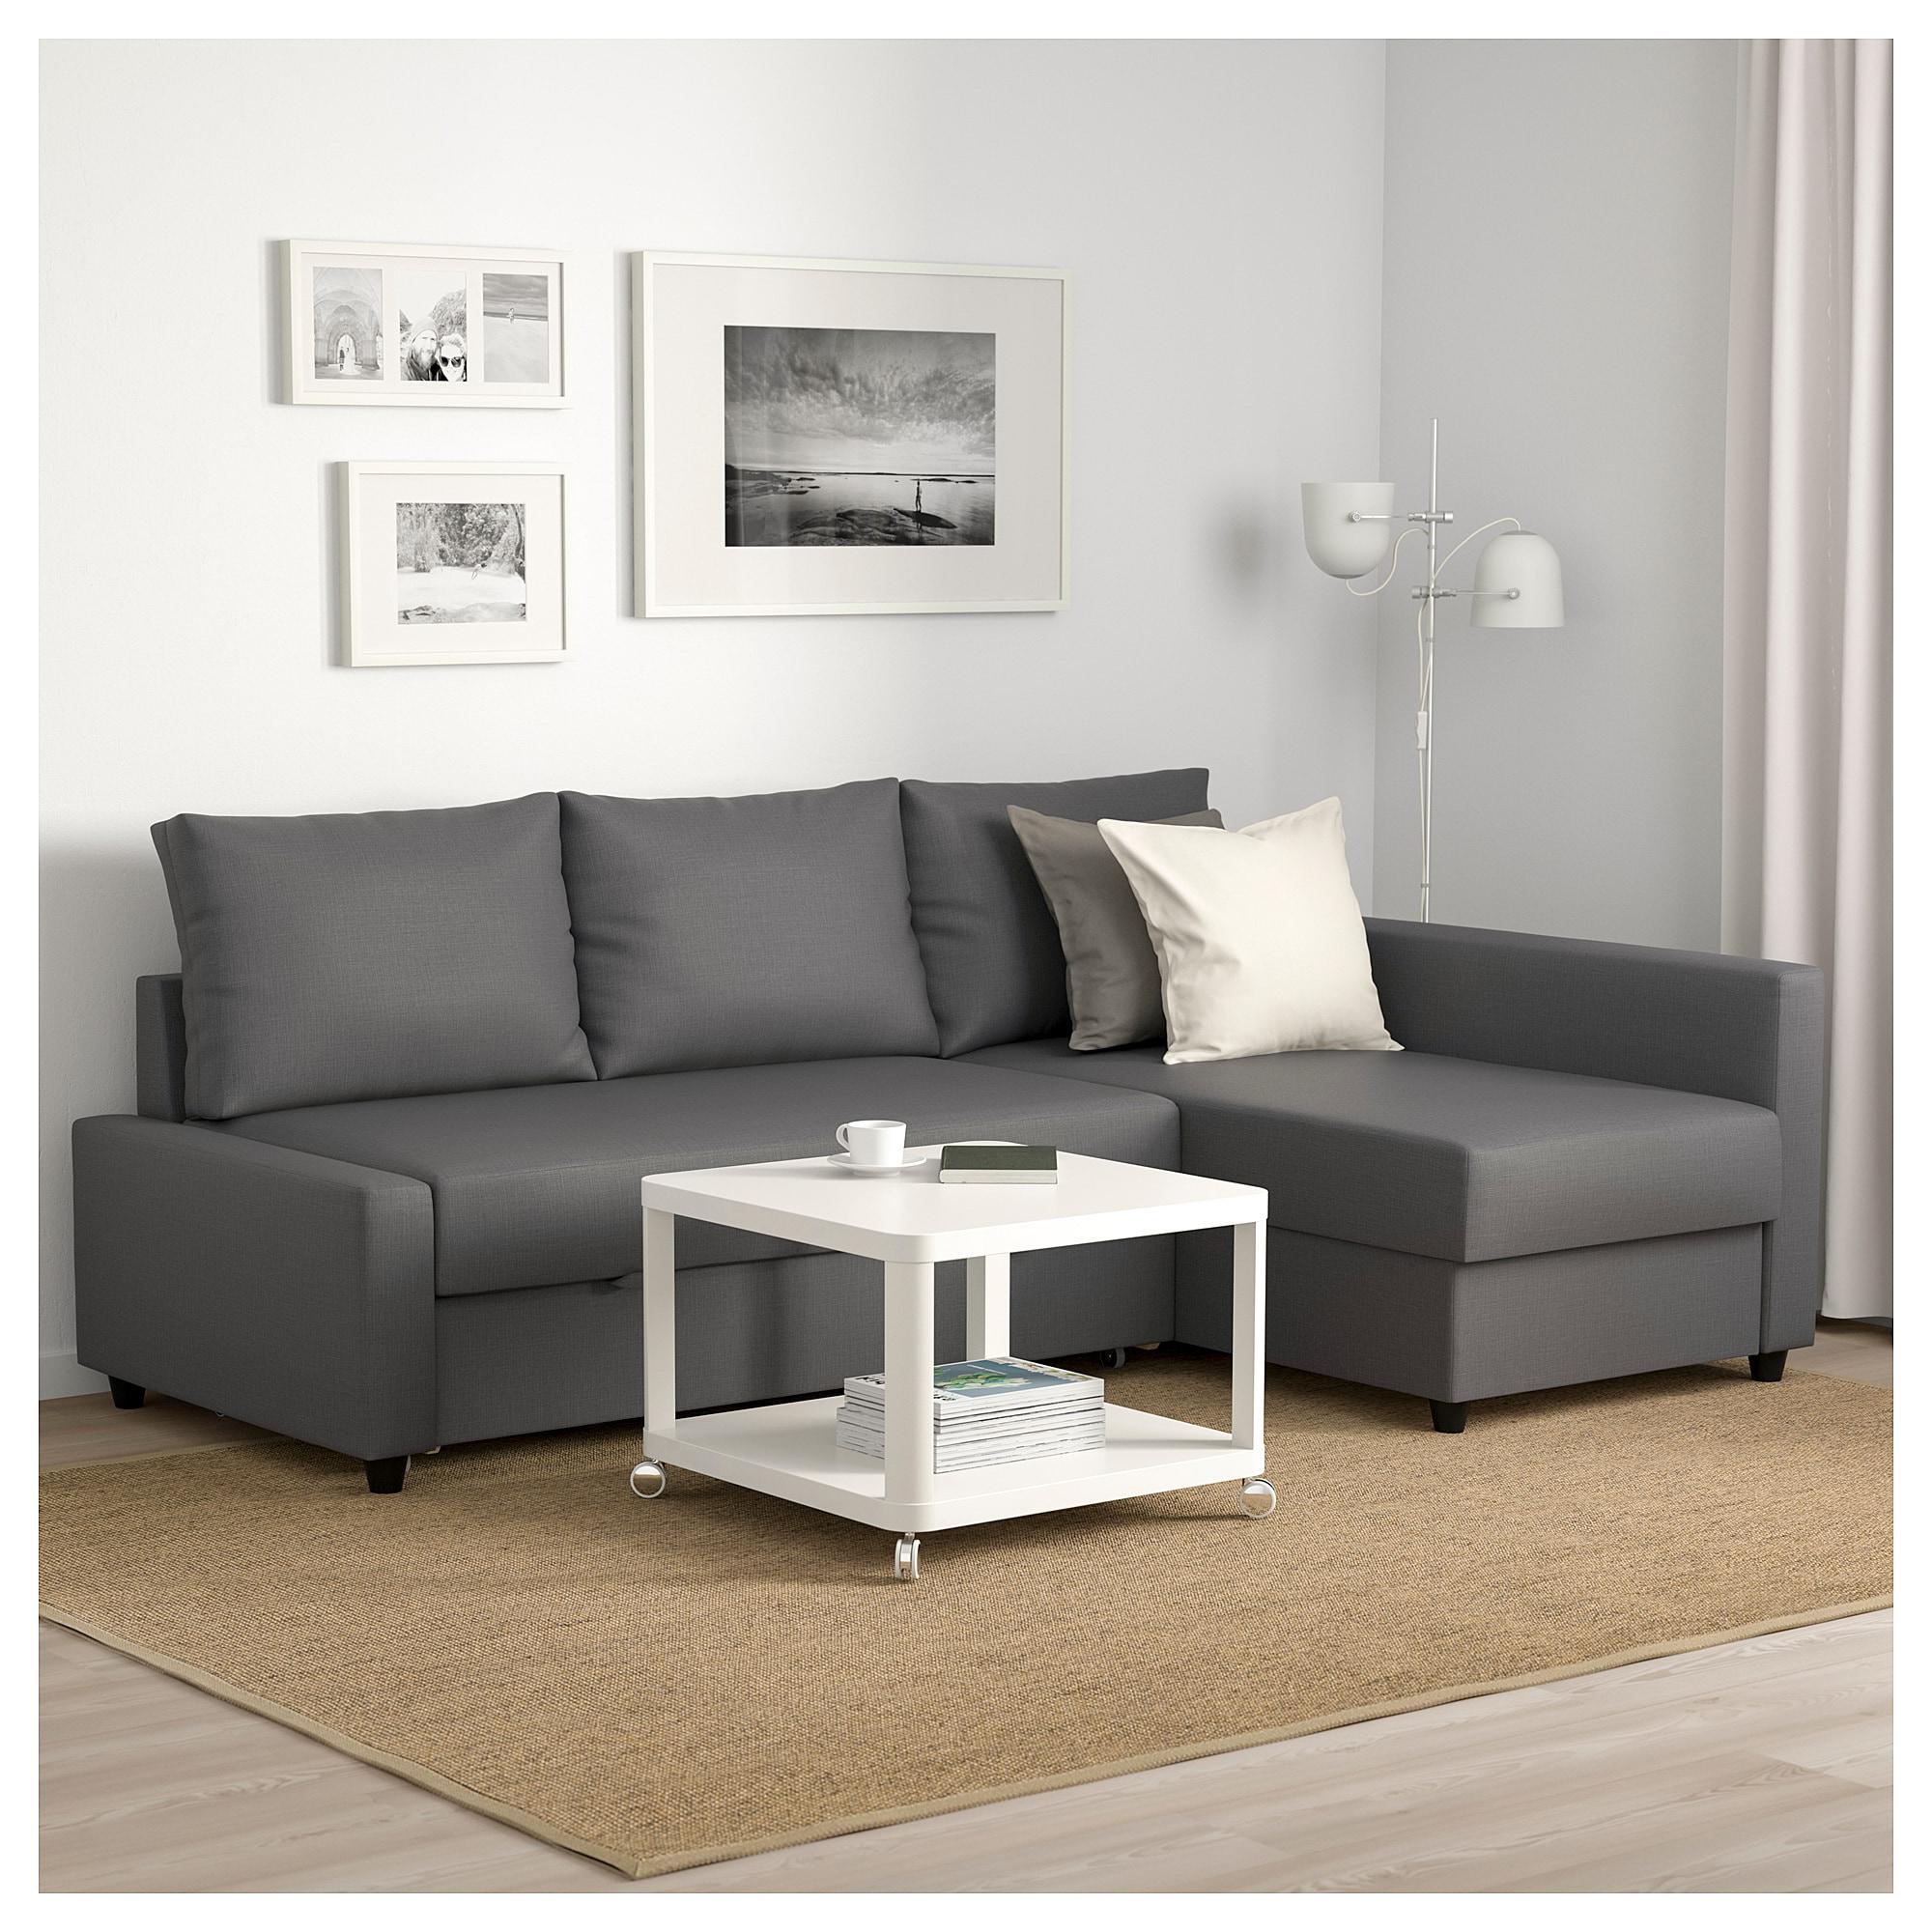 Ikea sofa Friheten Q5df Friheten Corner sofa Bed with Storage Skiftebo Dark Grey Ikea